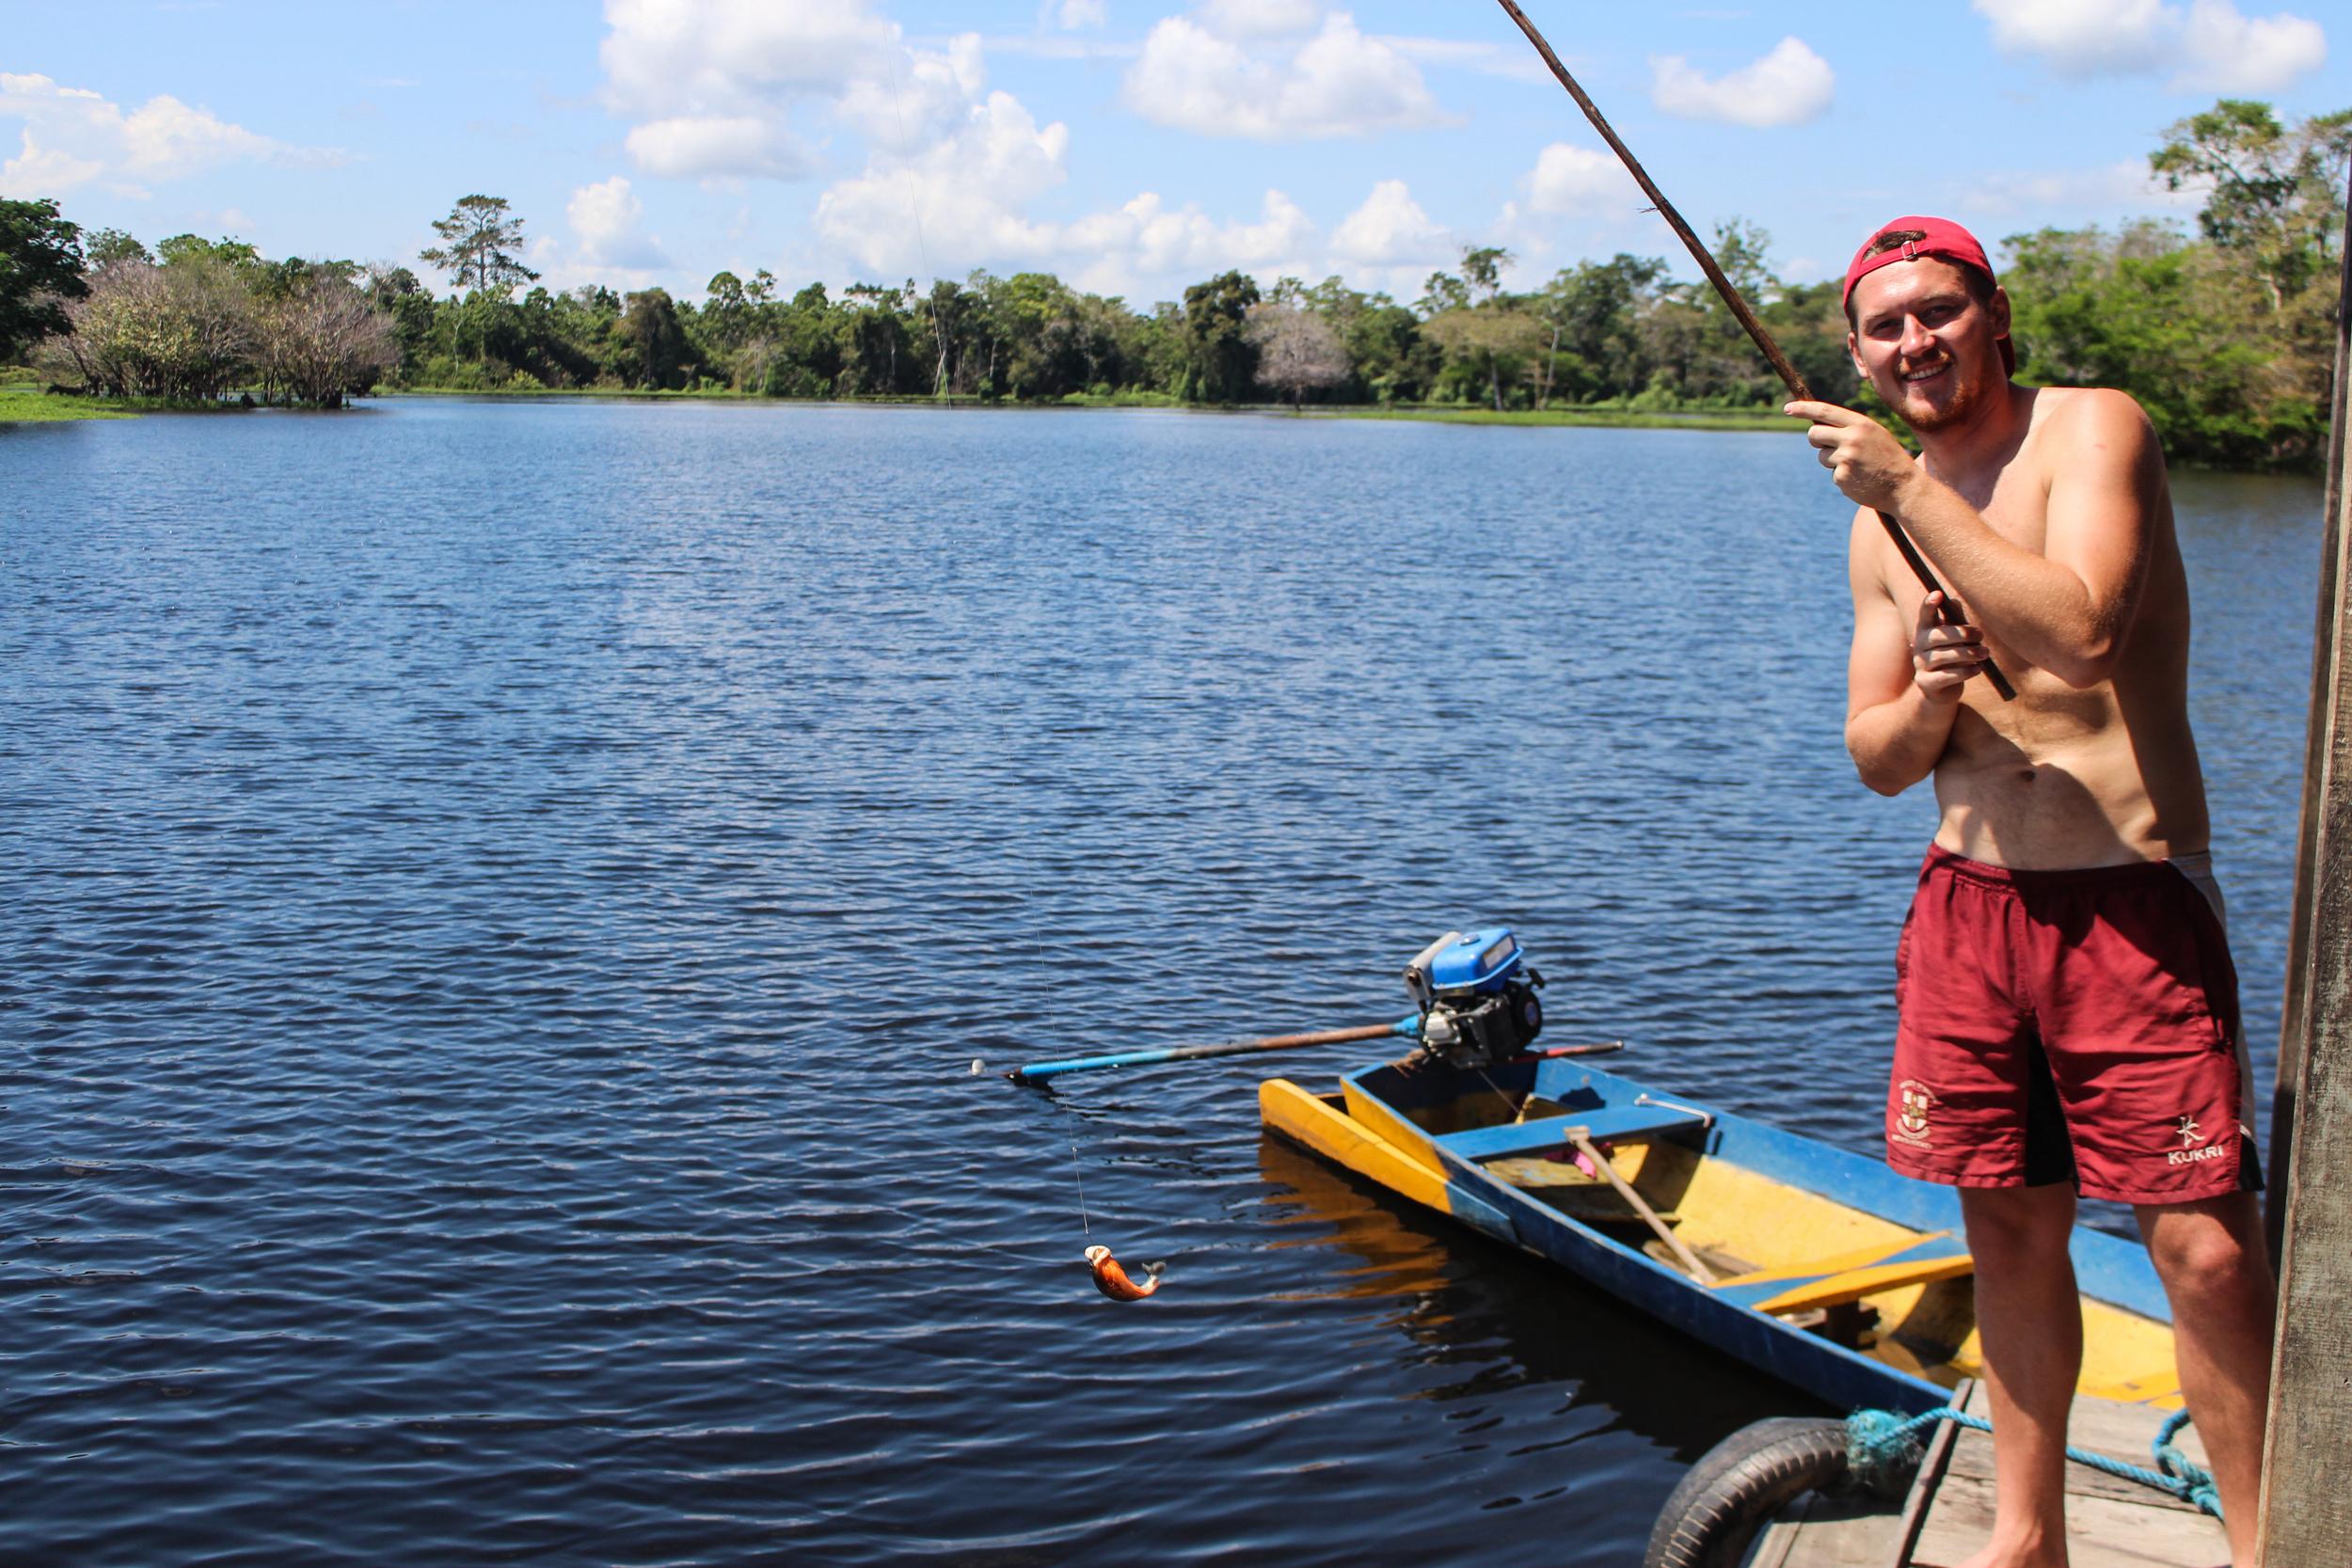 Me with a piranha